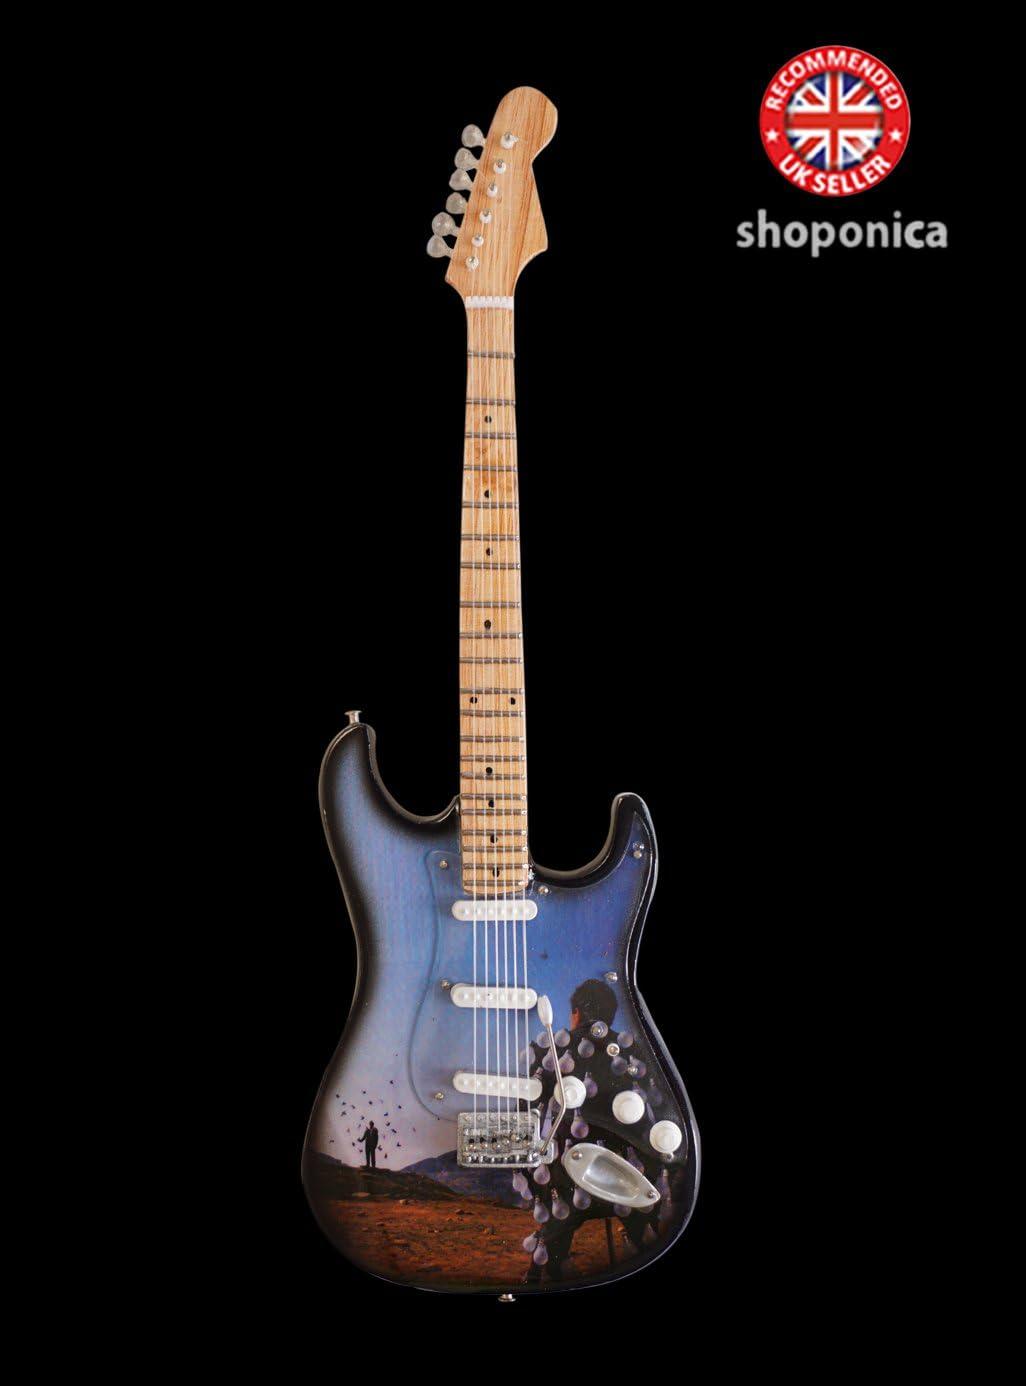 Réplica de guitarra en miniatura – Pink Floyd I wish you were ...